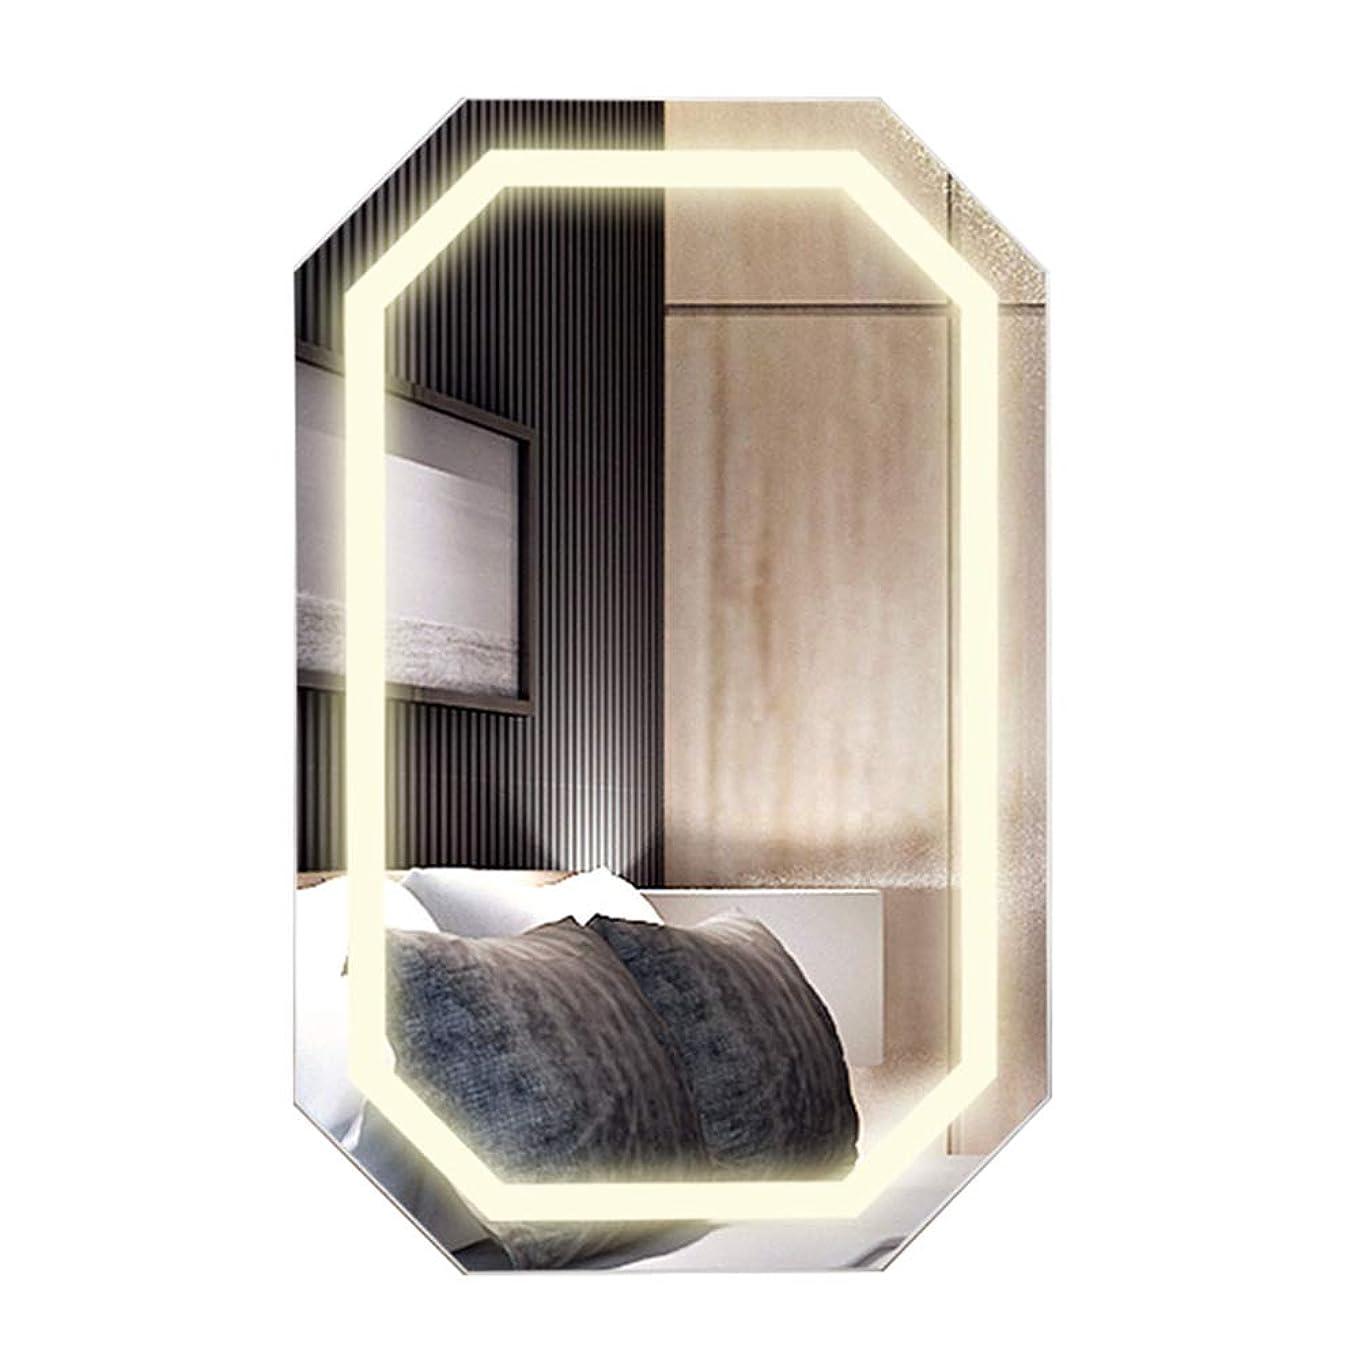 準拠シミュレートするしなやかな化粧品ホルダー、壁掛け化粧鏡、寝室浴室多機能ストレージミラーキャビネット、木製家庭用スマートLedランプジュエリーキャビネットNayang Store